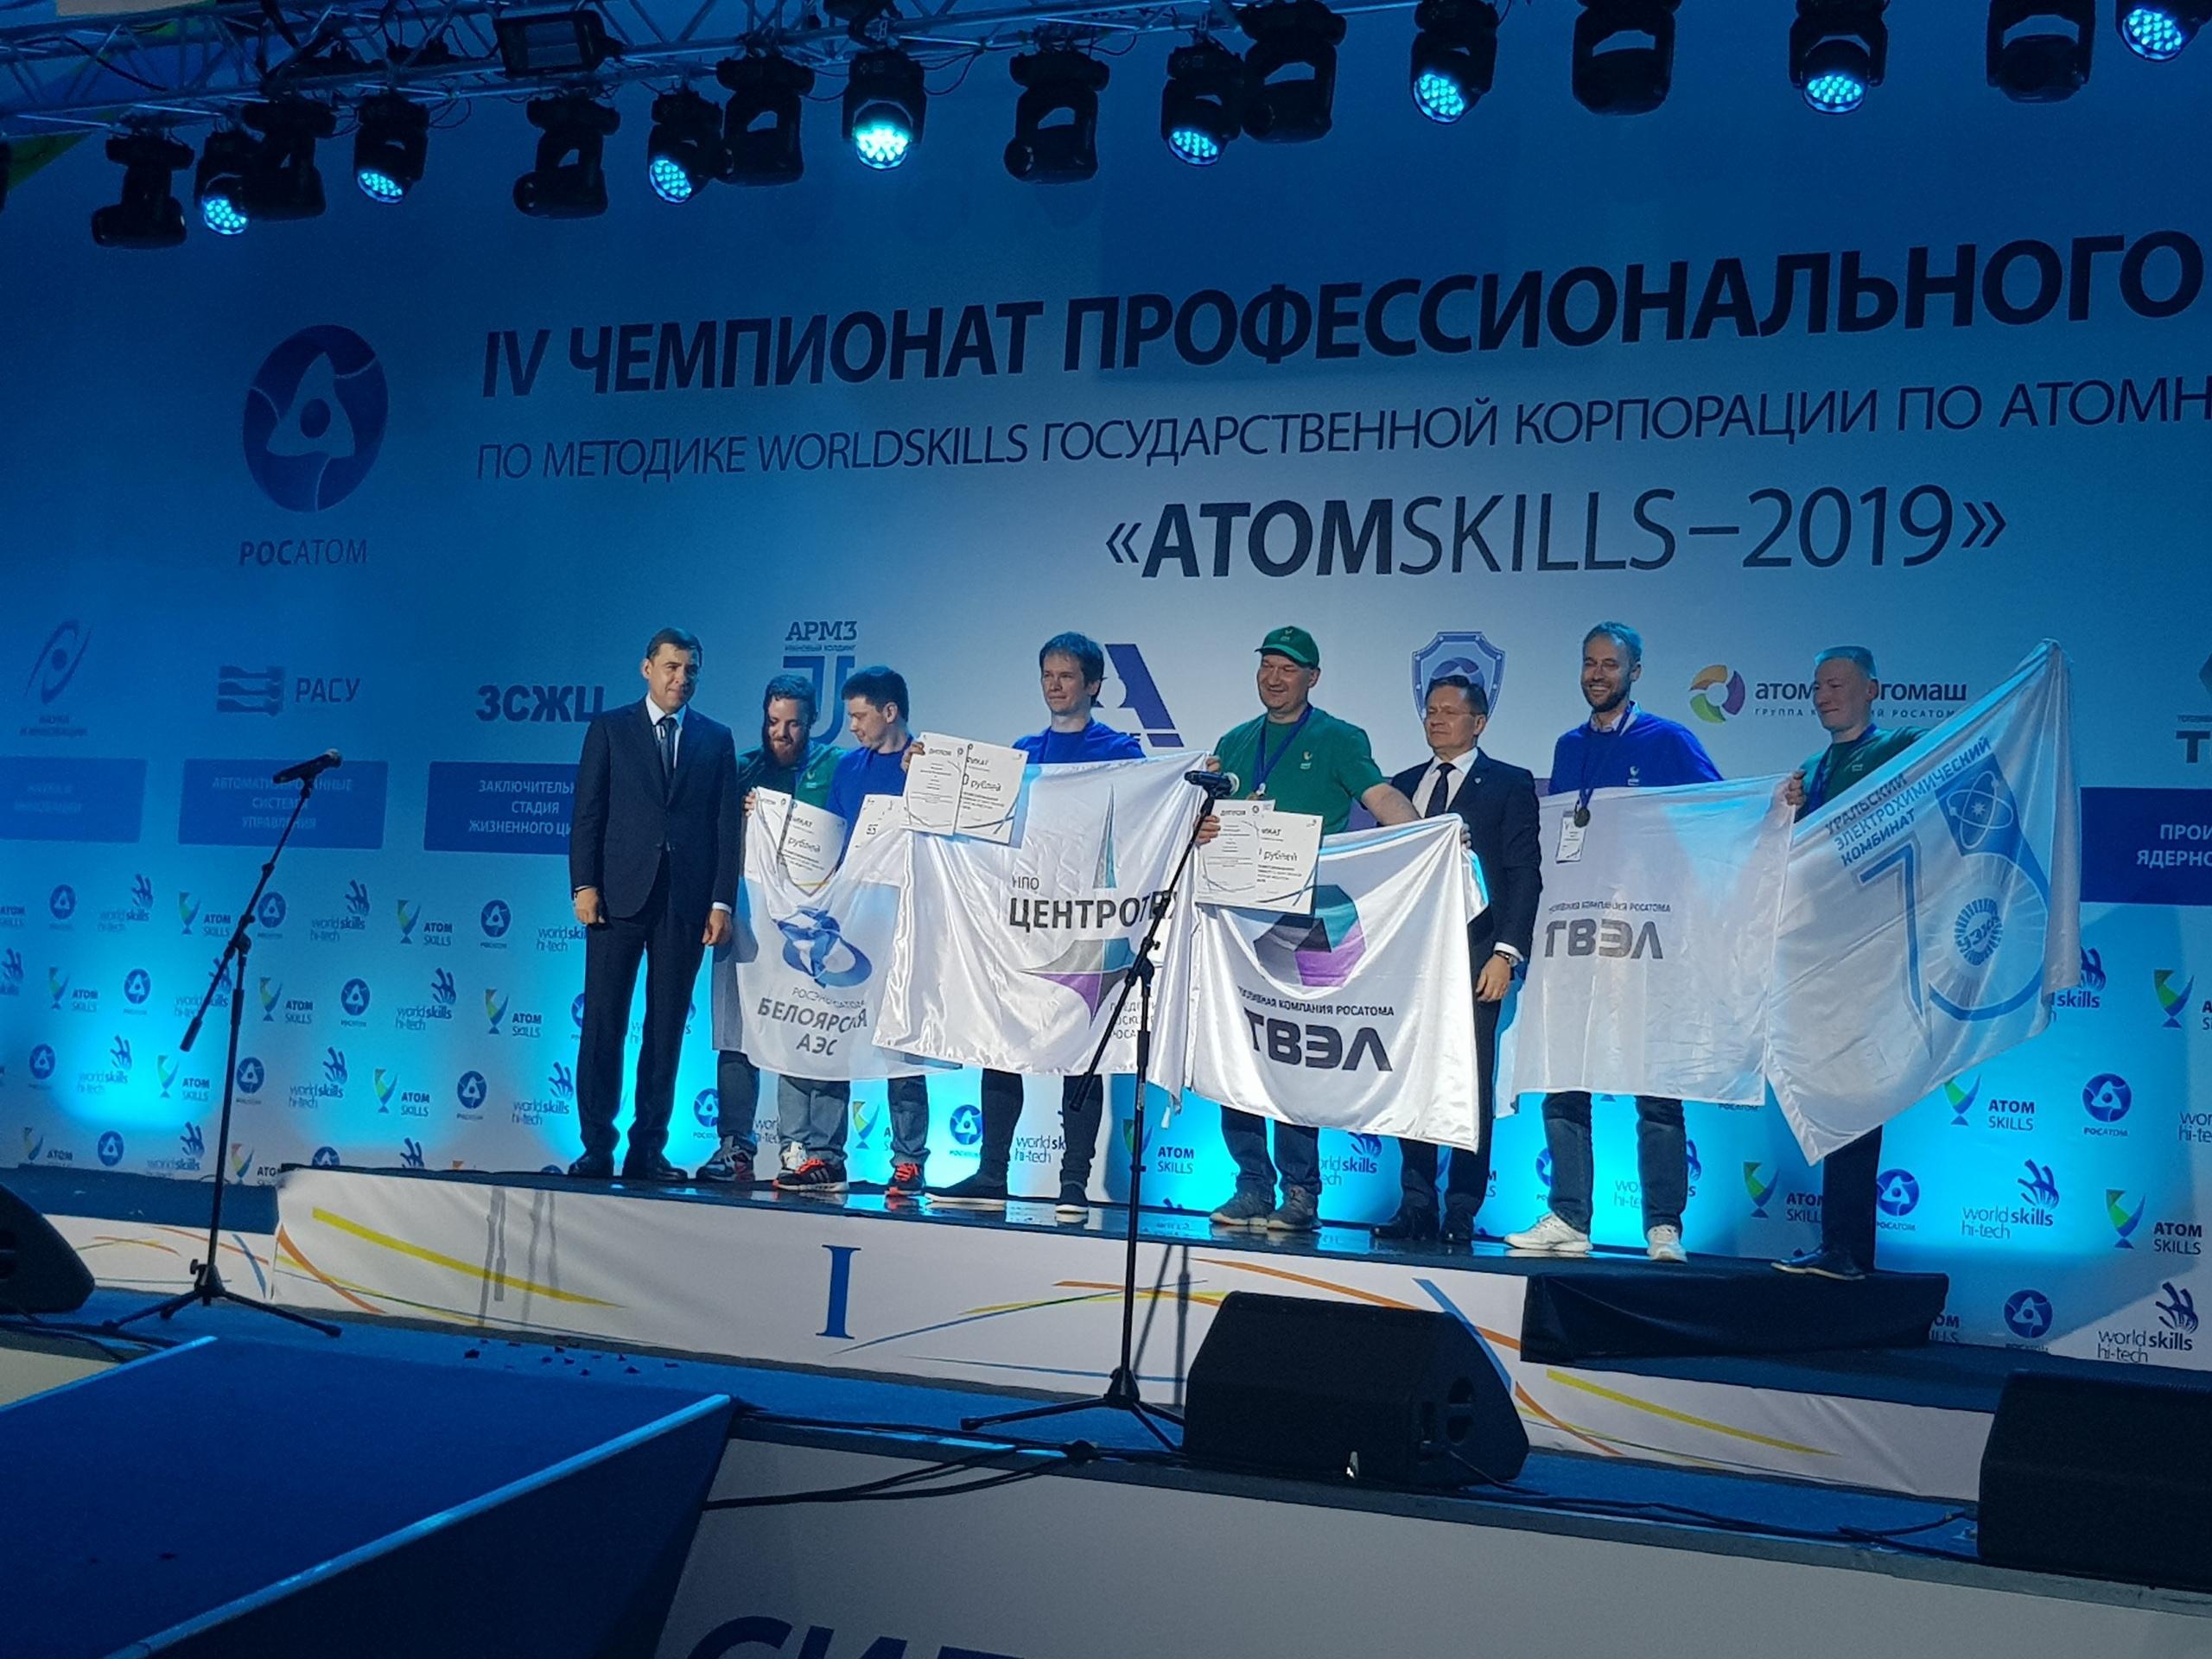 9 медалей в копилку ТВЭЛ принес Новоуральск!